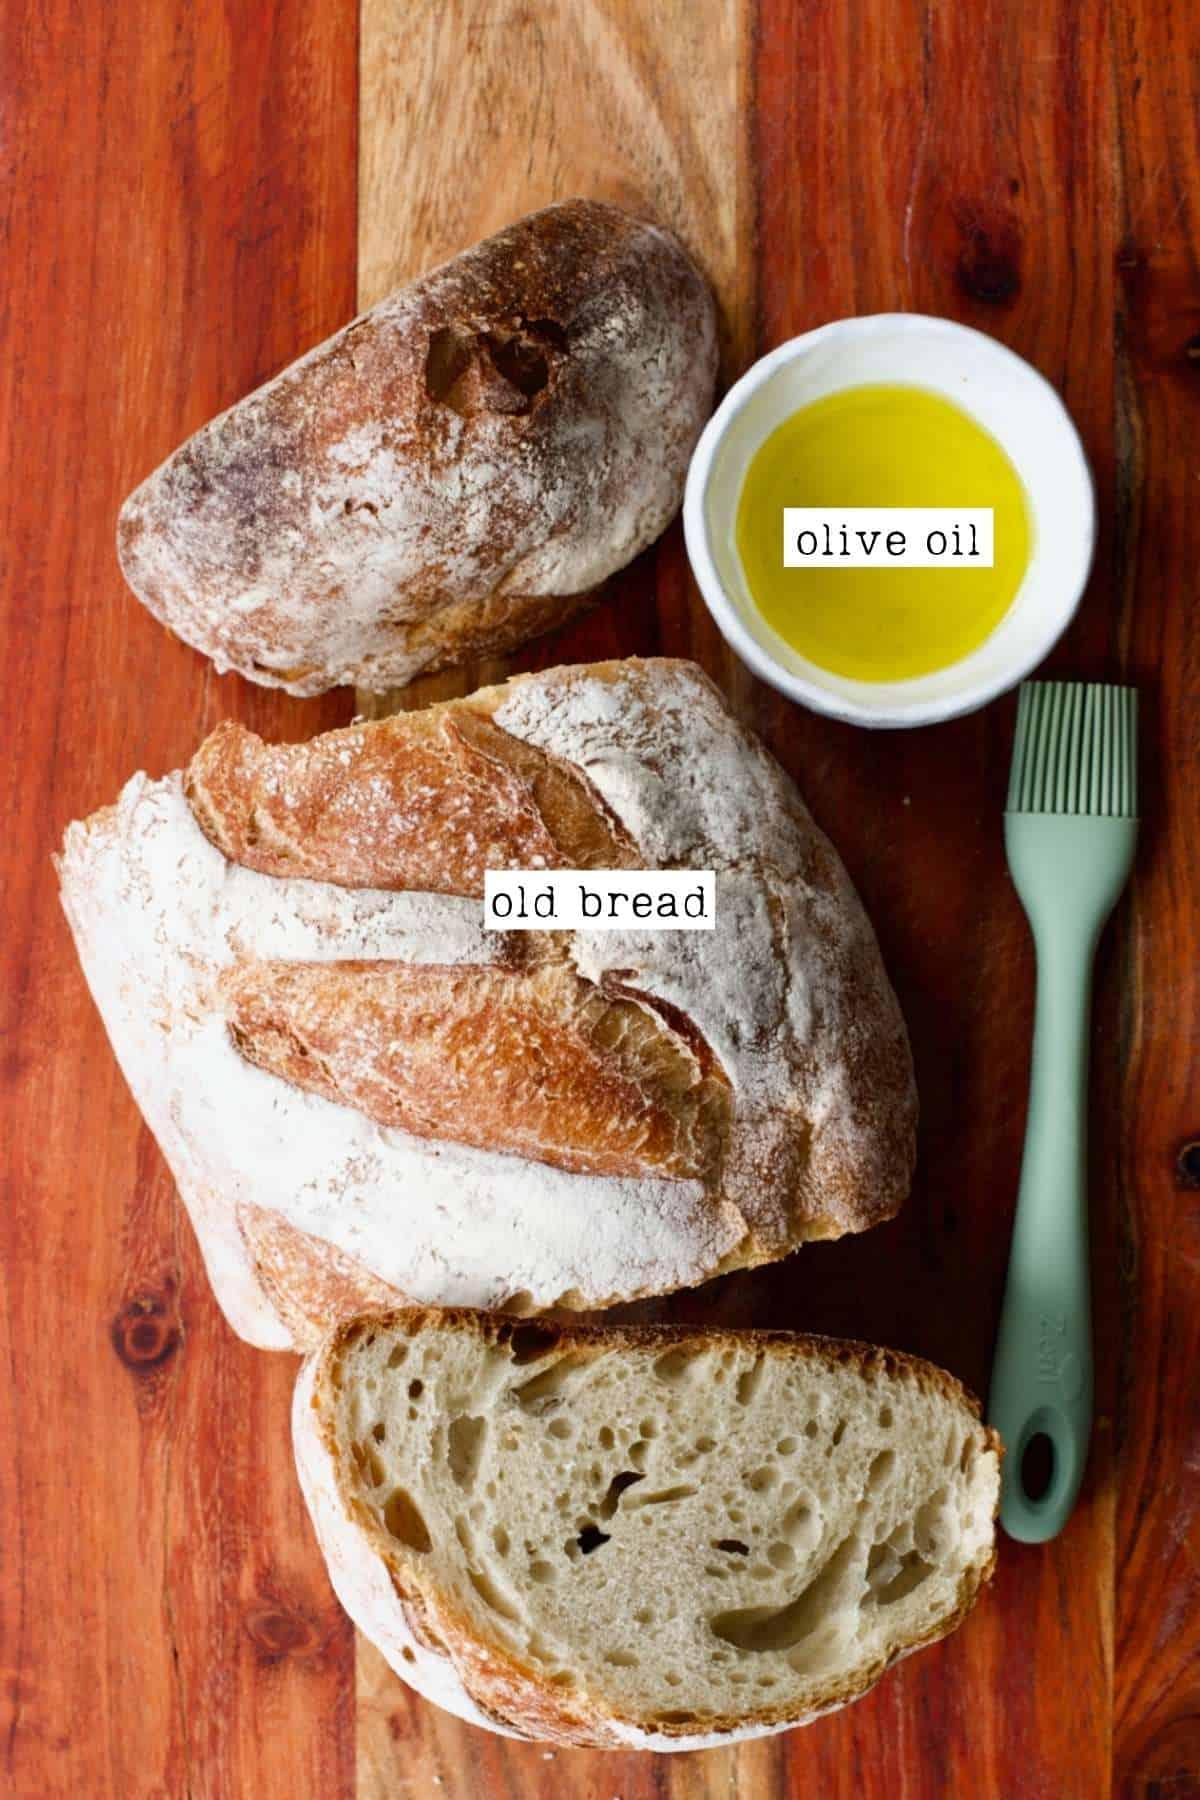 Bread and olive oil for Panzanella